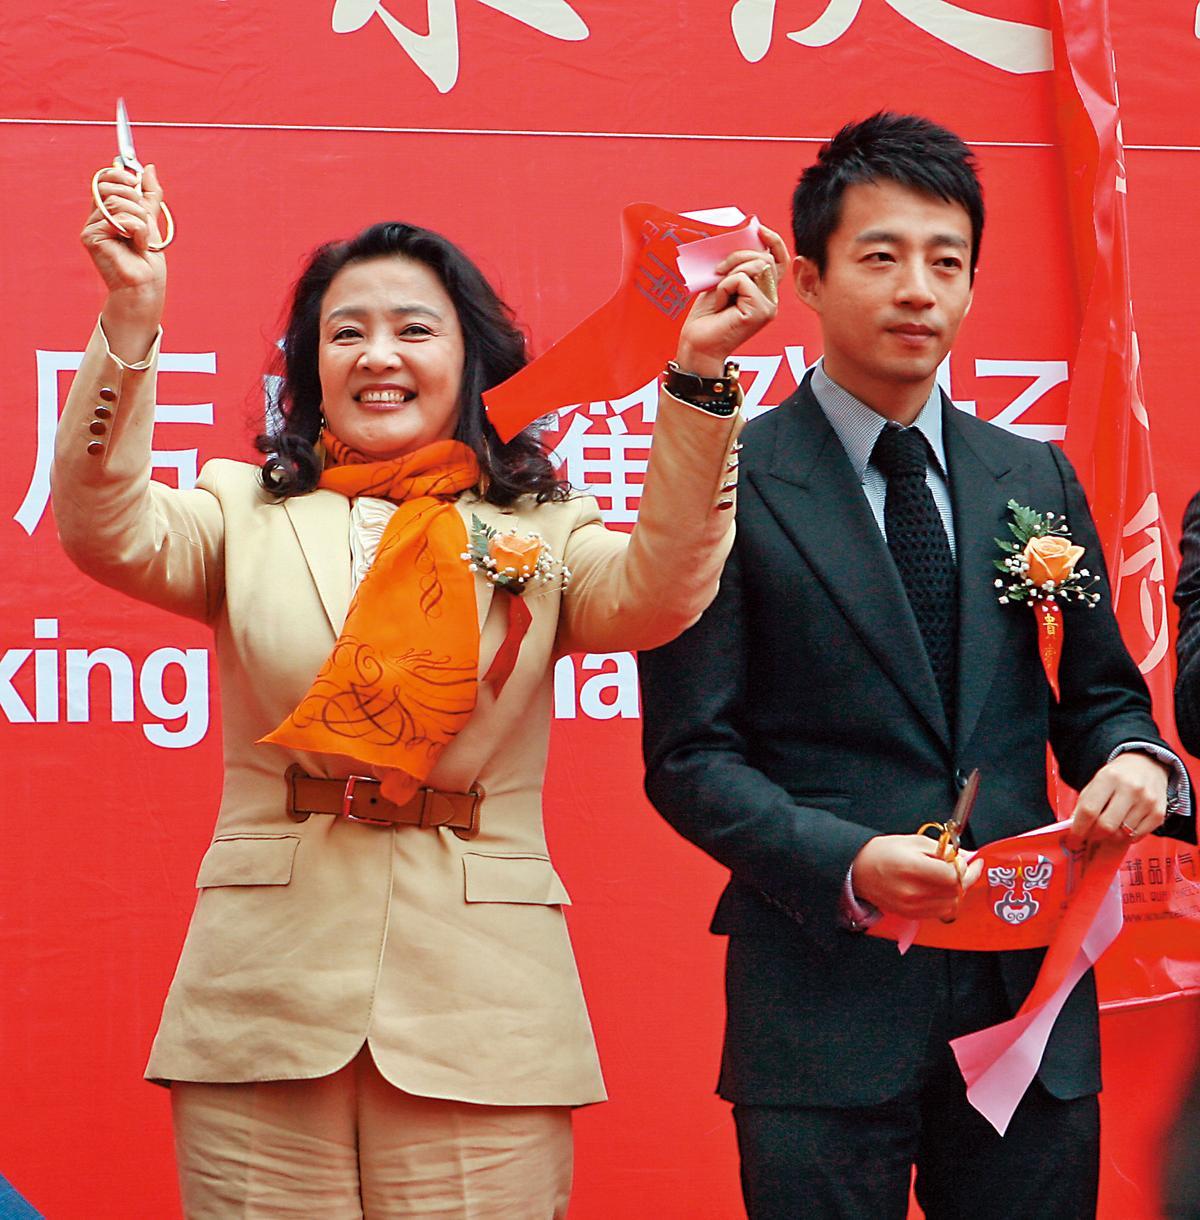 汪小菲(右)的媽媽張蘭(左),當年是呼風喚雨的「俏江南」餐飲女強人,但轉型不成,她的資產被凍結。大S的遭遇頗有徐若瑄的fu。(東方IC)